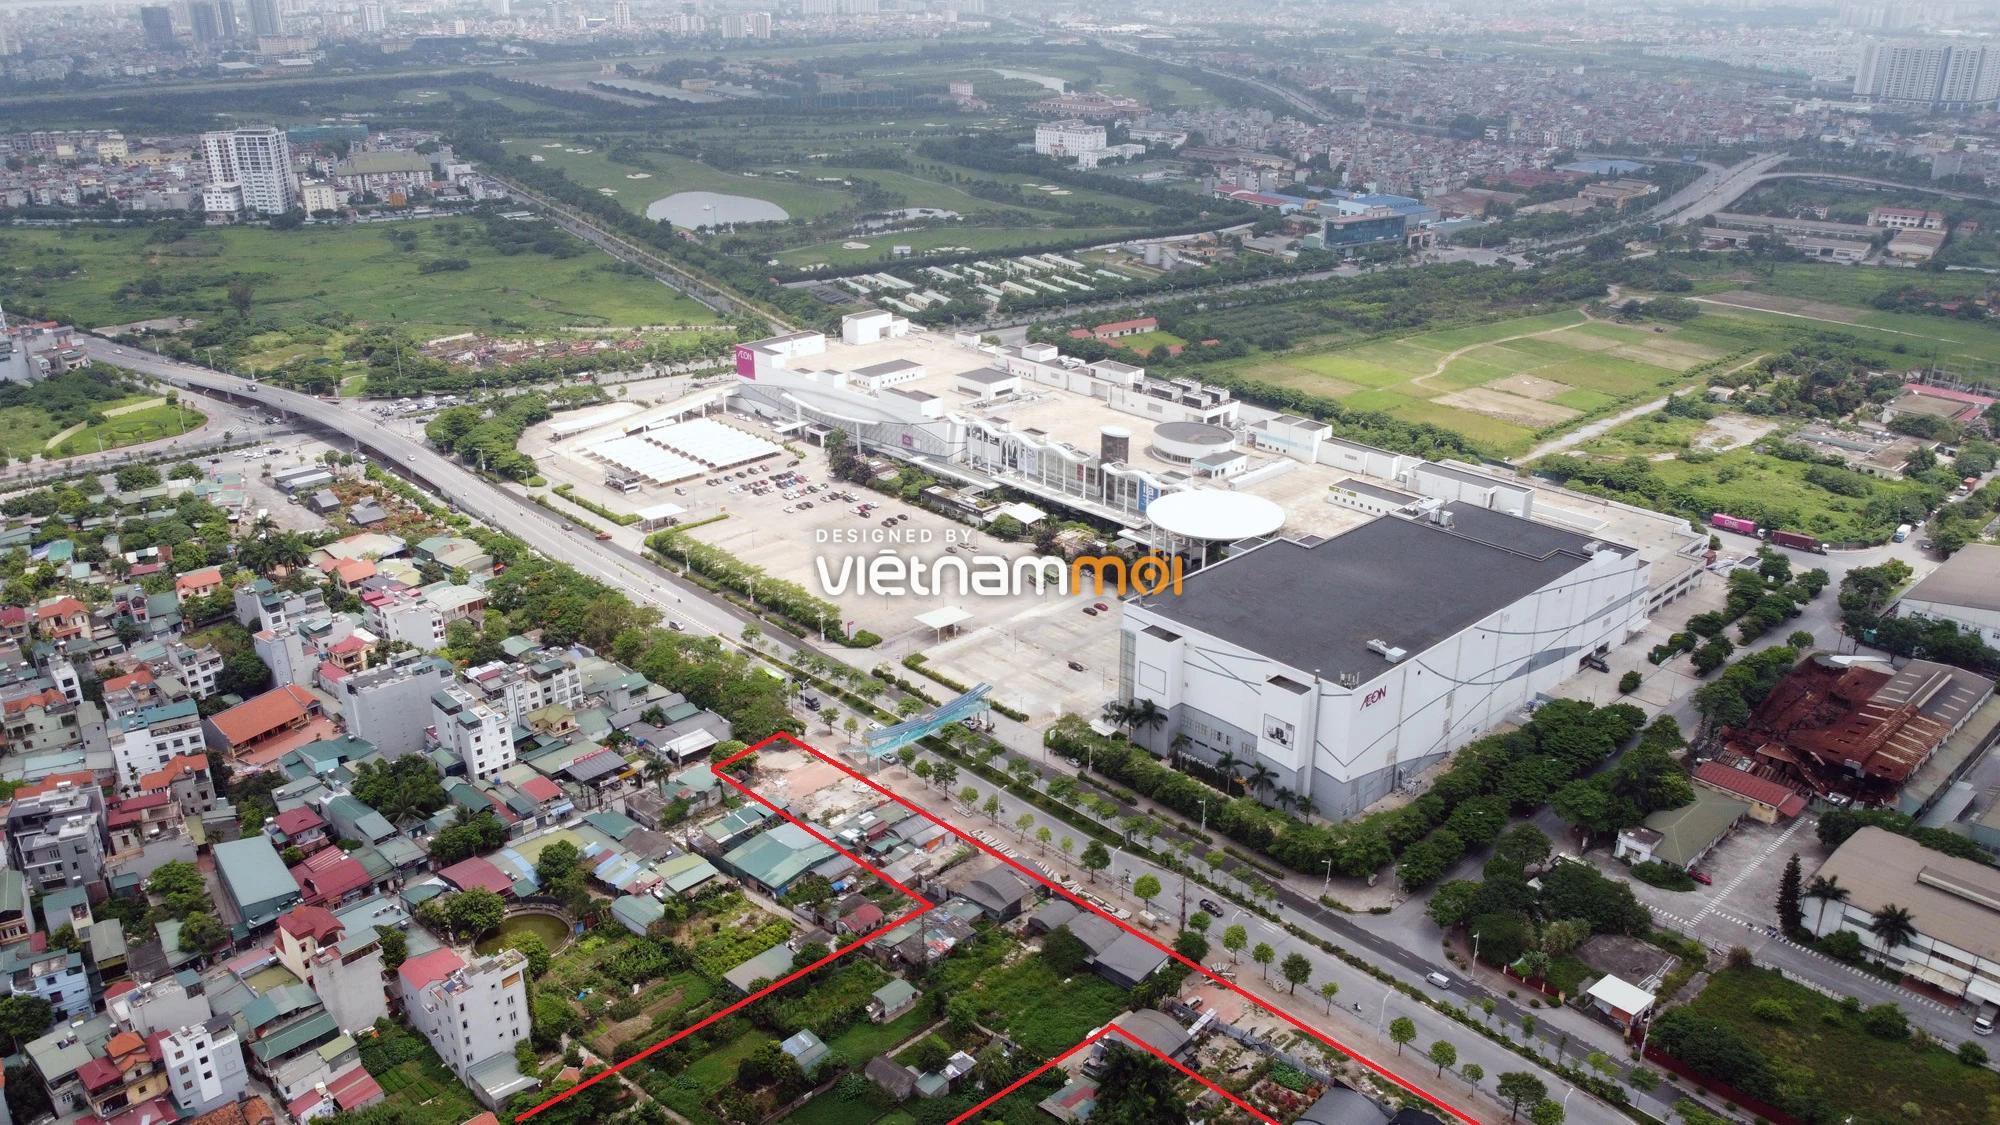 Những khu đất sắp thu hồi để mở đường ở phường Long Biên, Long Biên, Hà Nội (phần 3) - Ảnh 12.